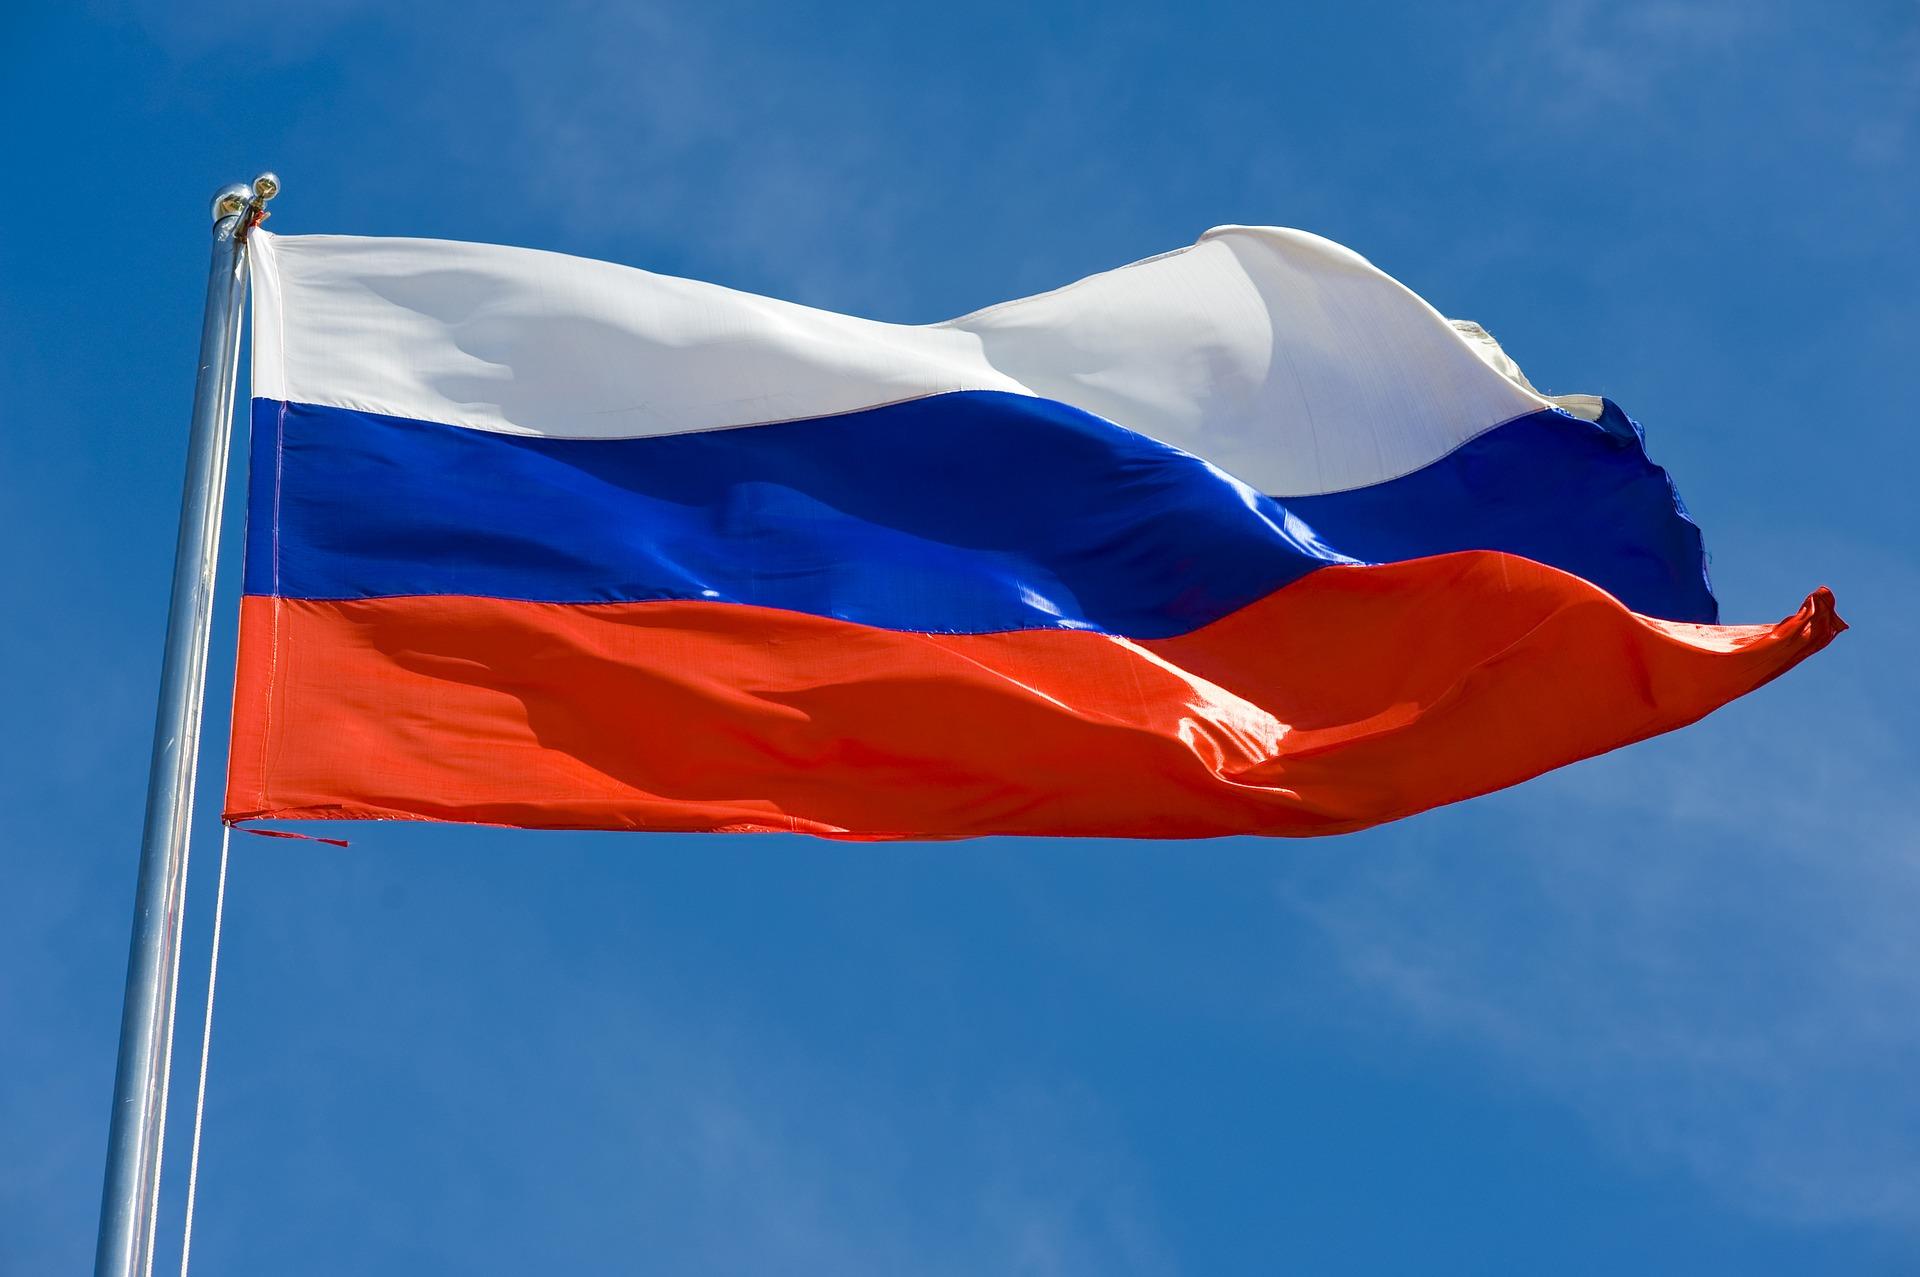 Federación de fútbol en Rusia utiliza tecnología blockchain para llevar a cabo una votación en línea durante su conferencia anual